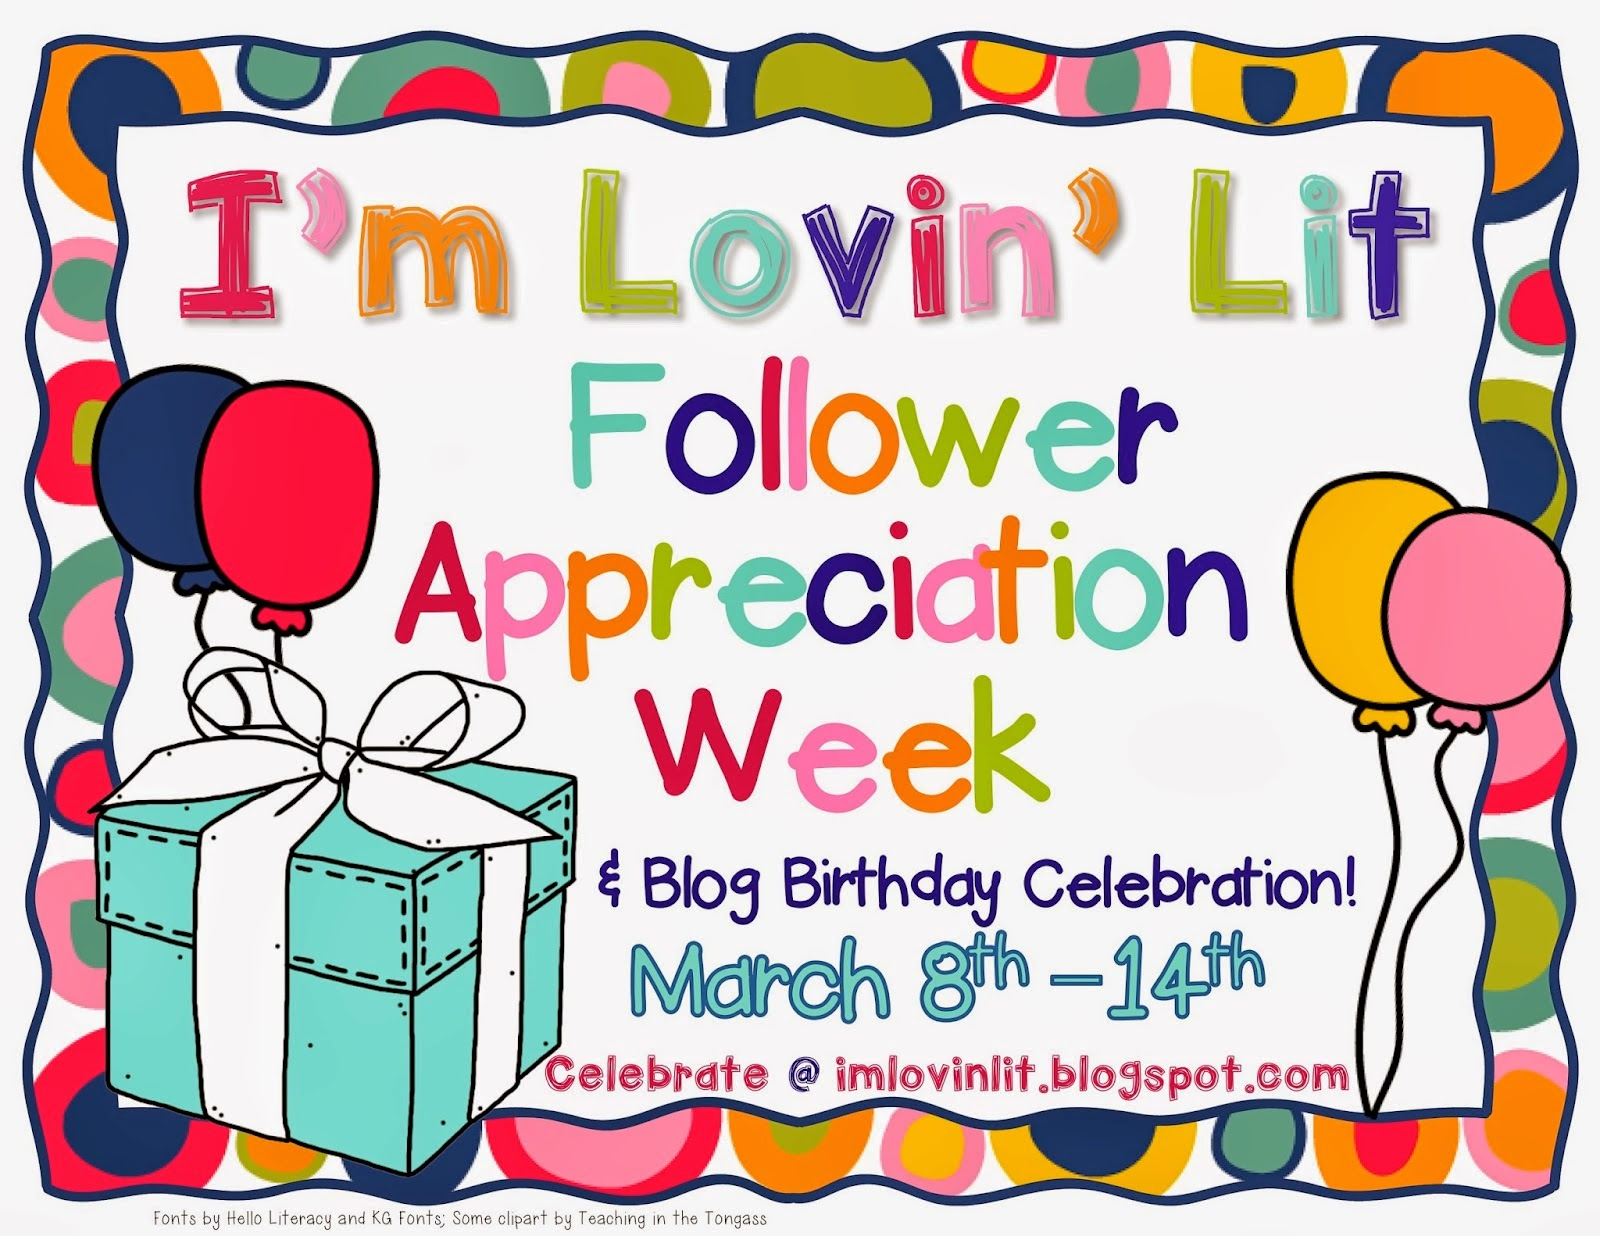 http://imlovinlit.blogspot.com/